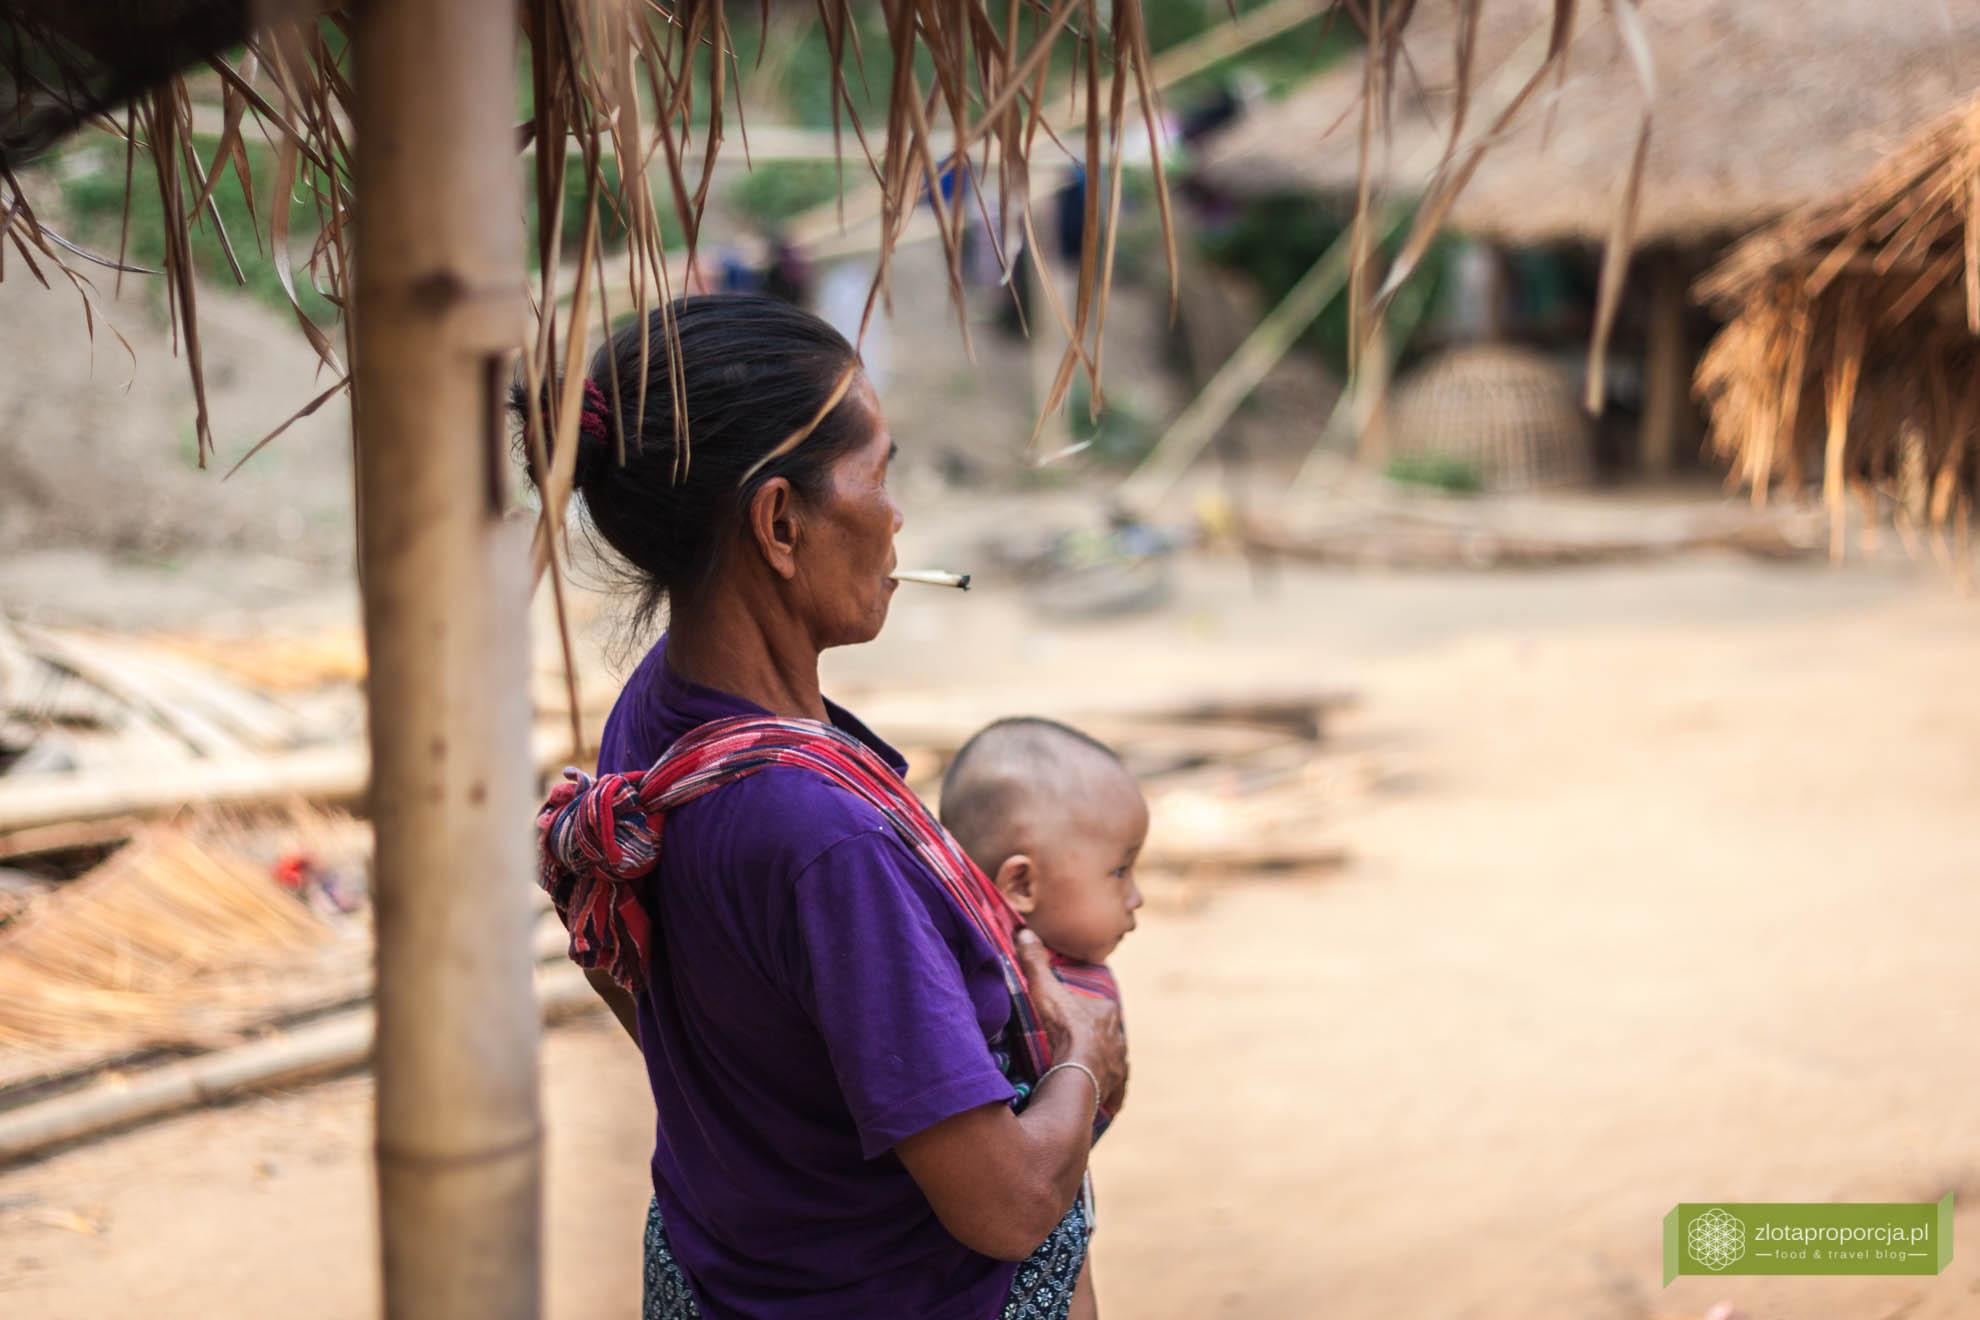 Tajlandia, Plemię Padaung, tajskie plemiona, długie szyje, okolice Chiang Rai